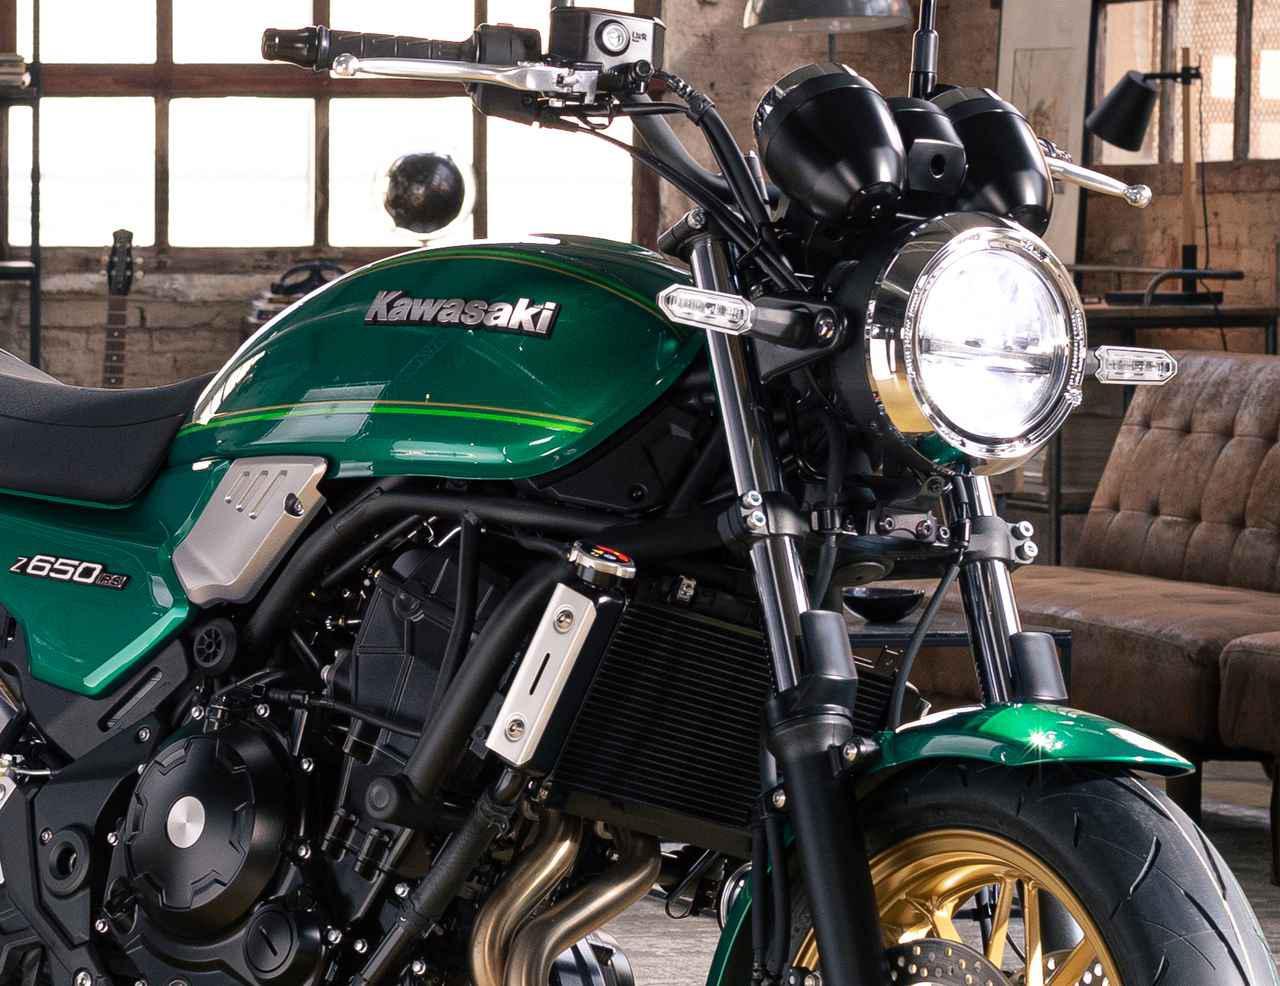 画像: カワサキ「Z650RS」国内モデルに関する情報 - webオートバイ